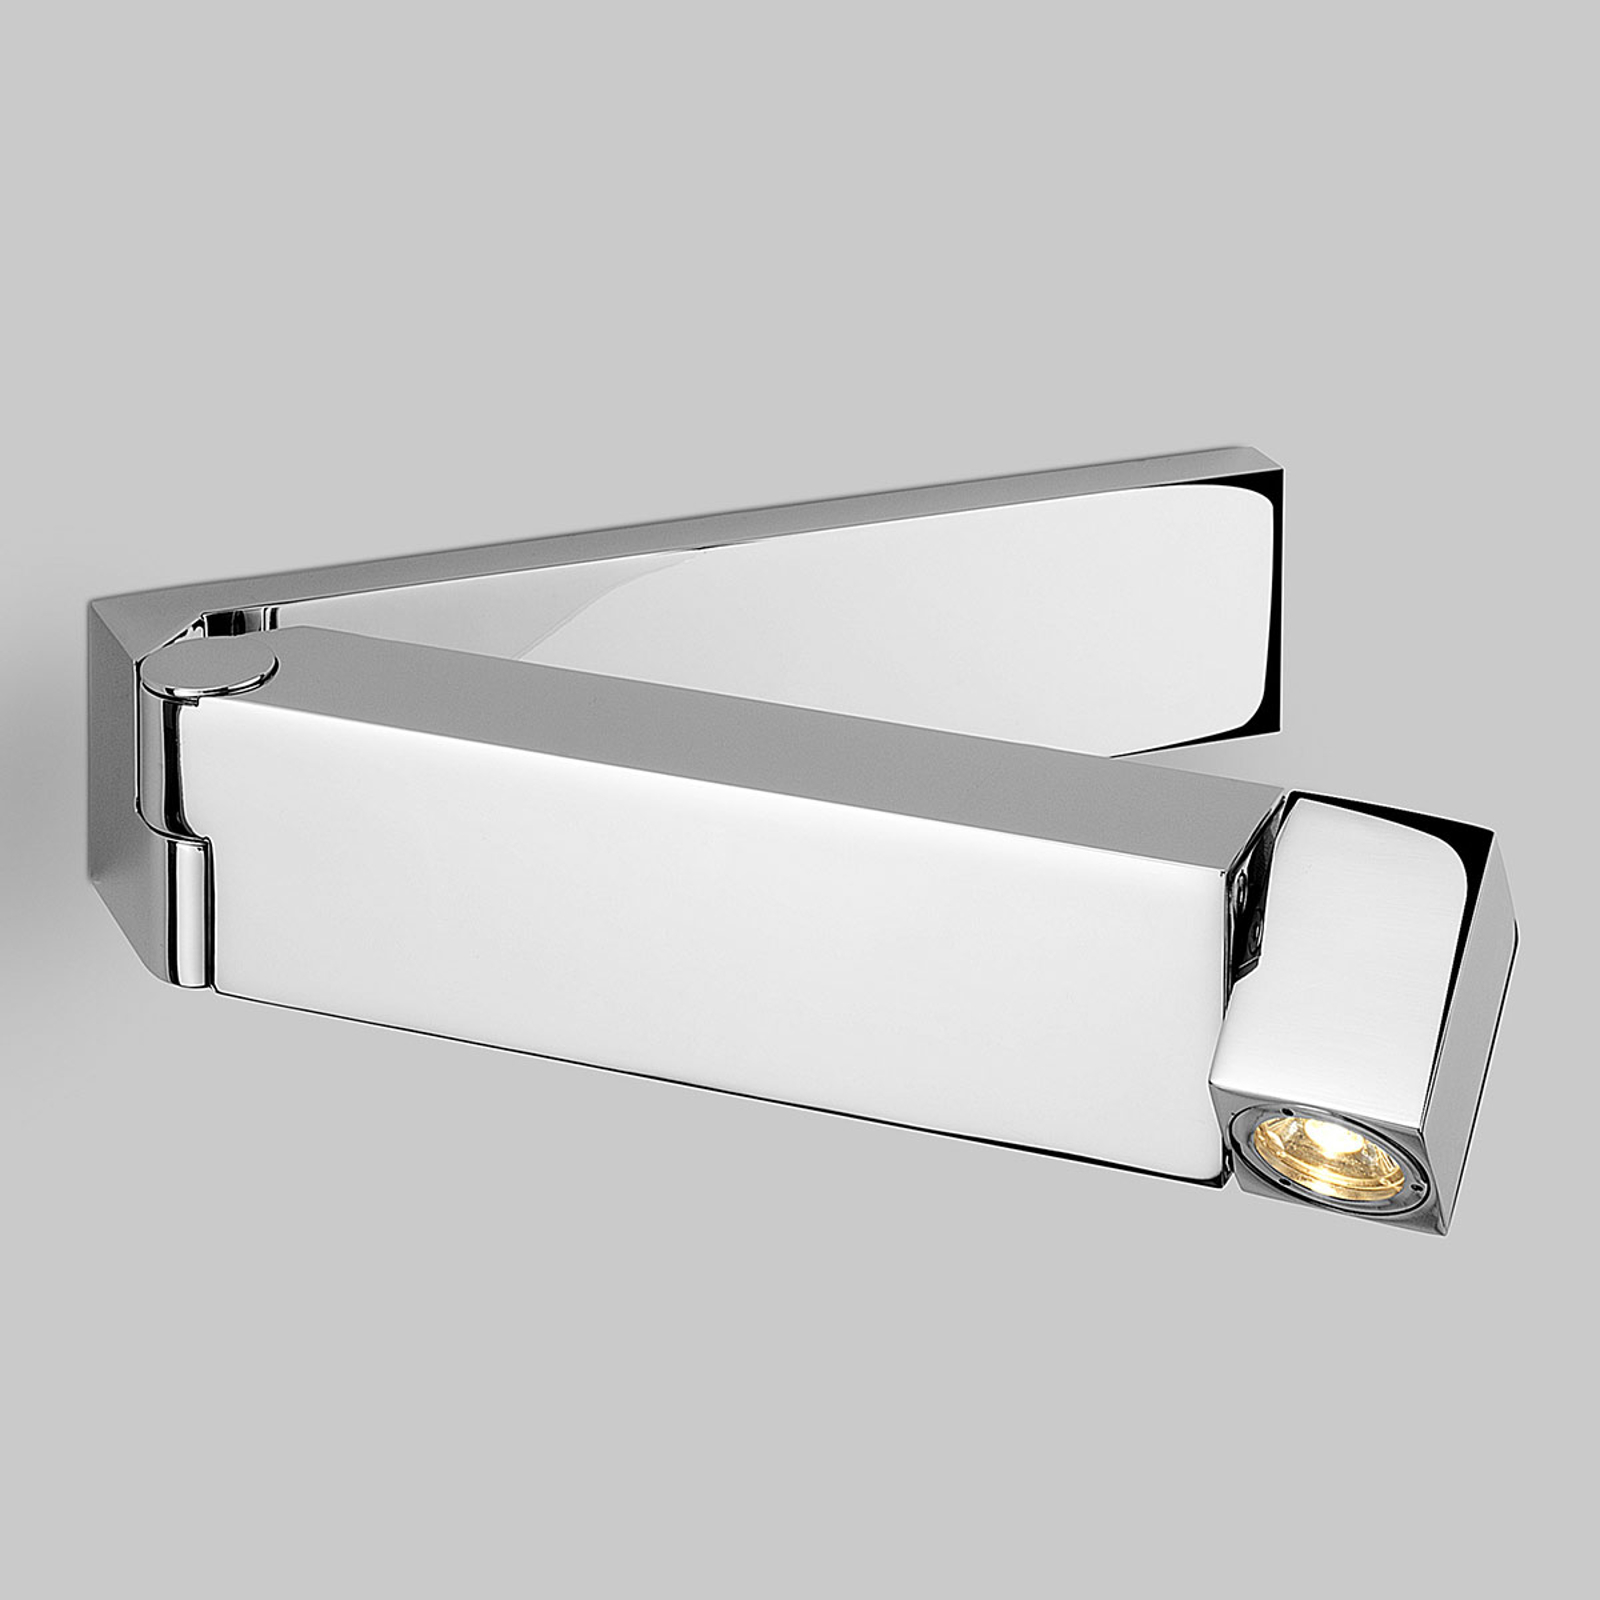 Astro Tosca nastaviteľné nástenné LED svetlo chróm_1020347_1